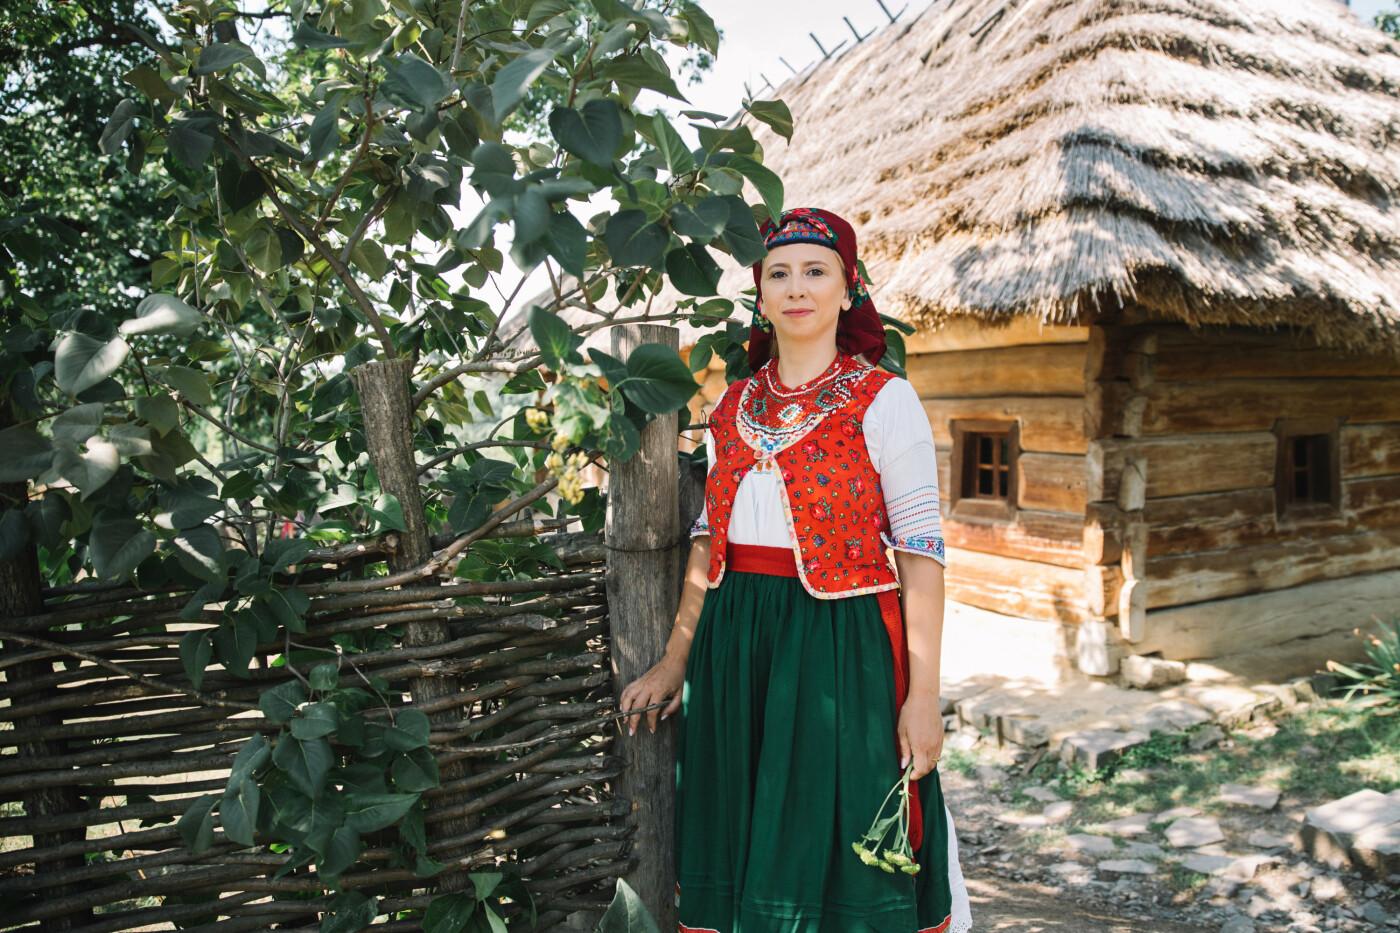 Історичне вбрання жінок Закарпаття презентували в сучасних образах (ФОТО, ВІДЕО), фото-9